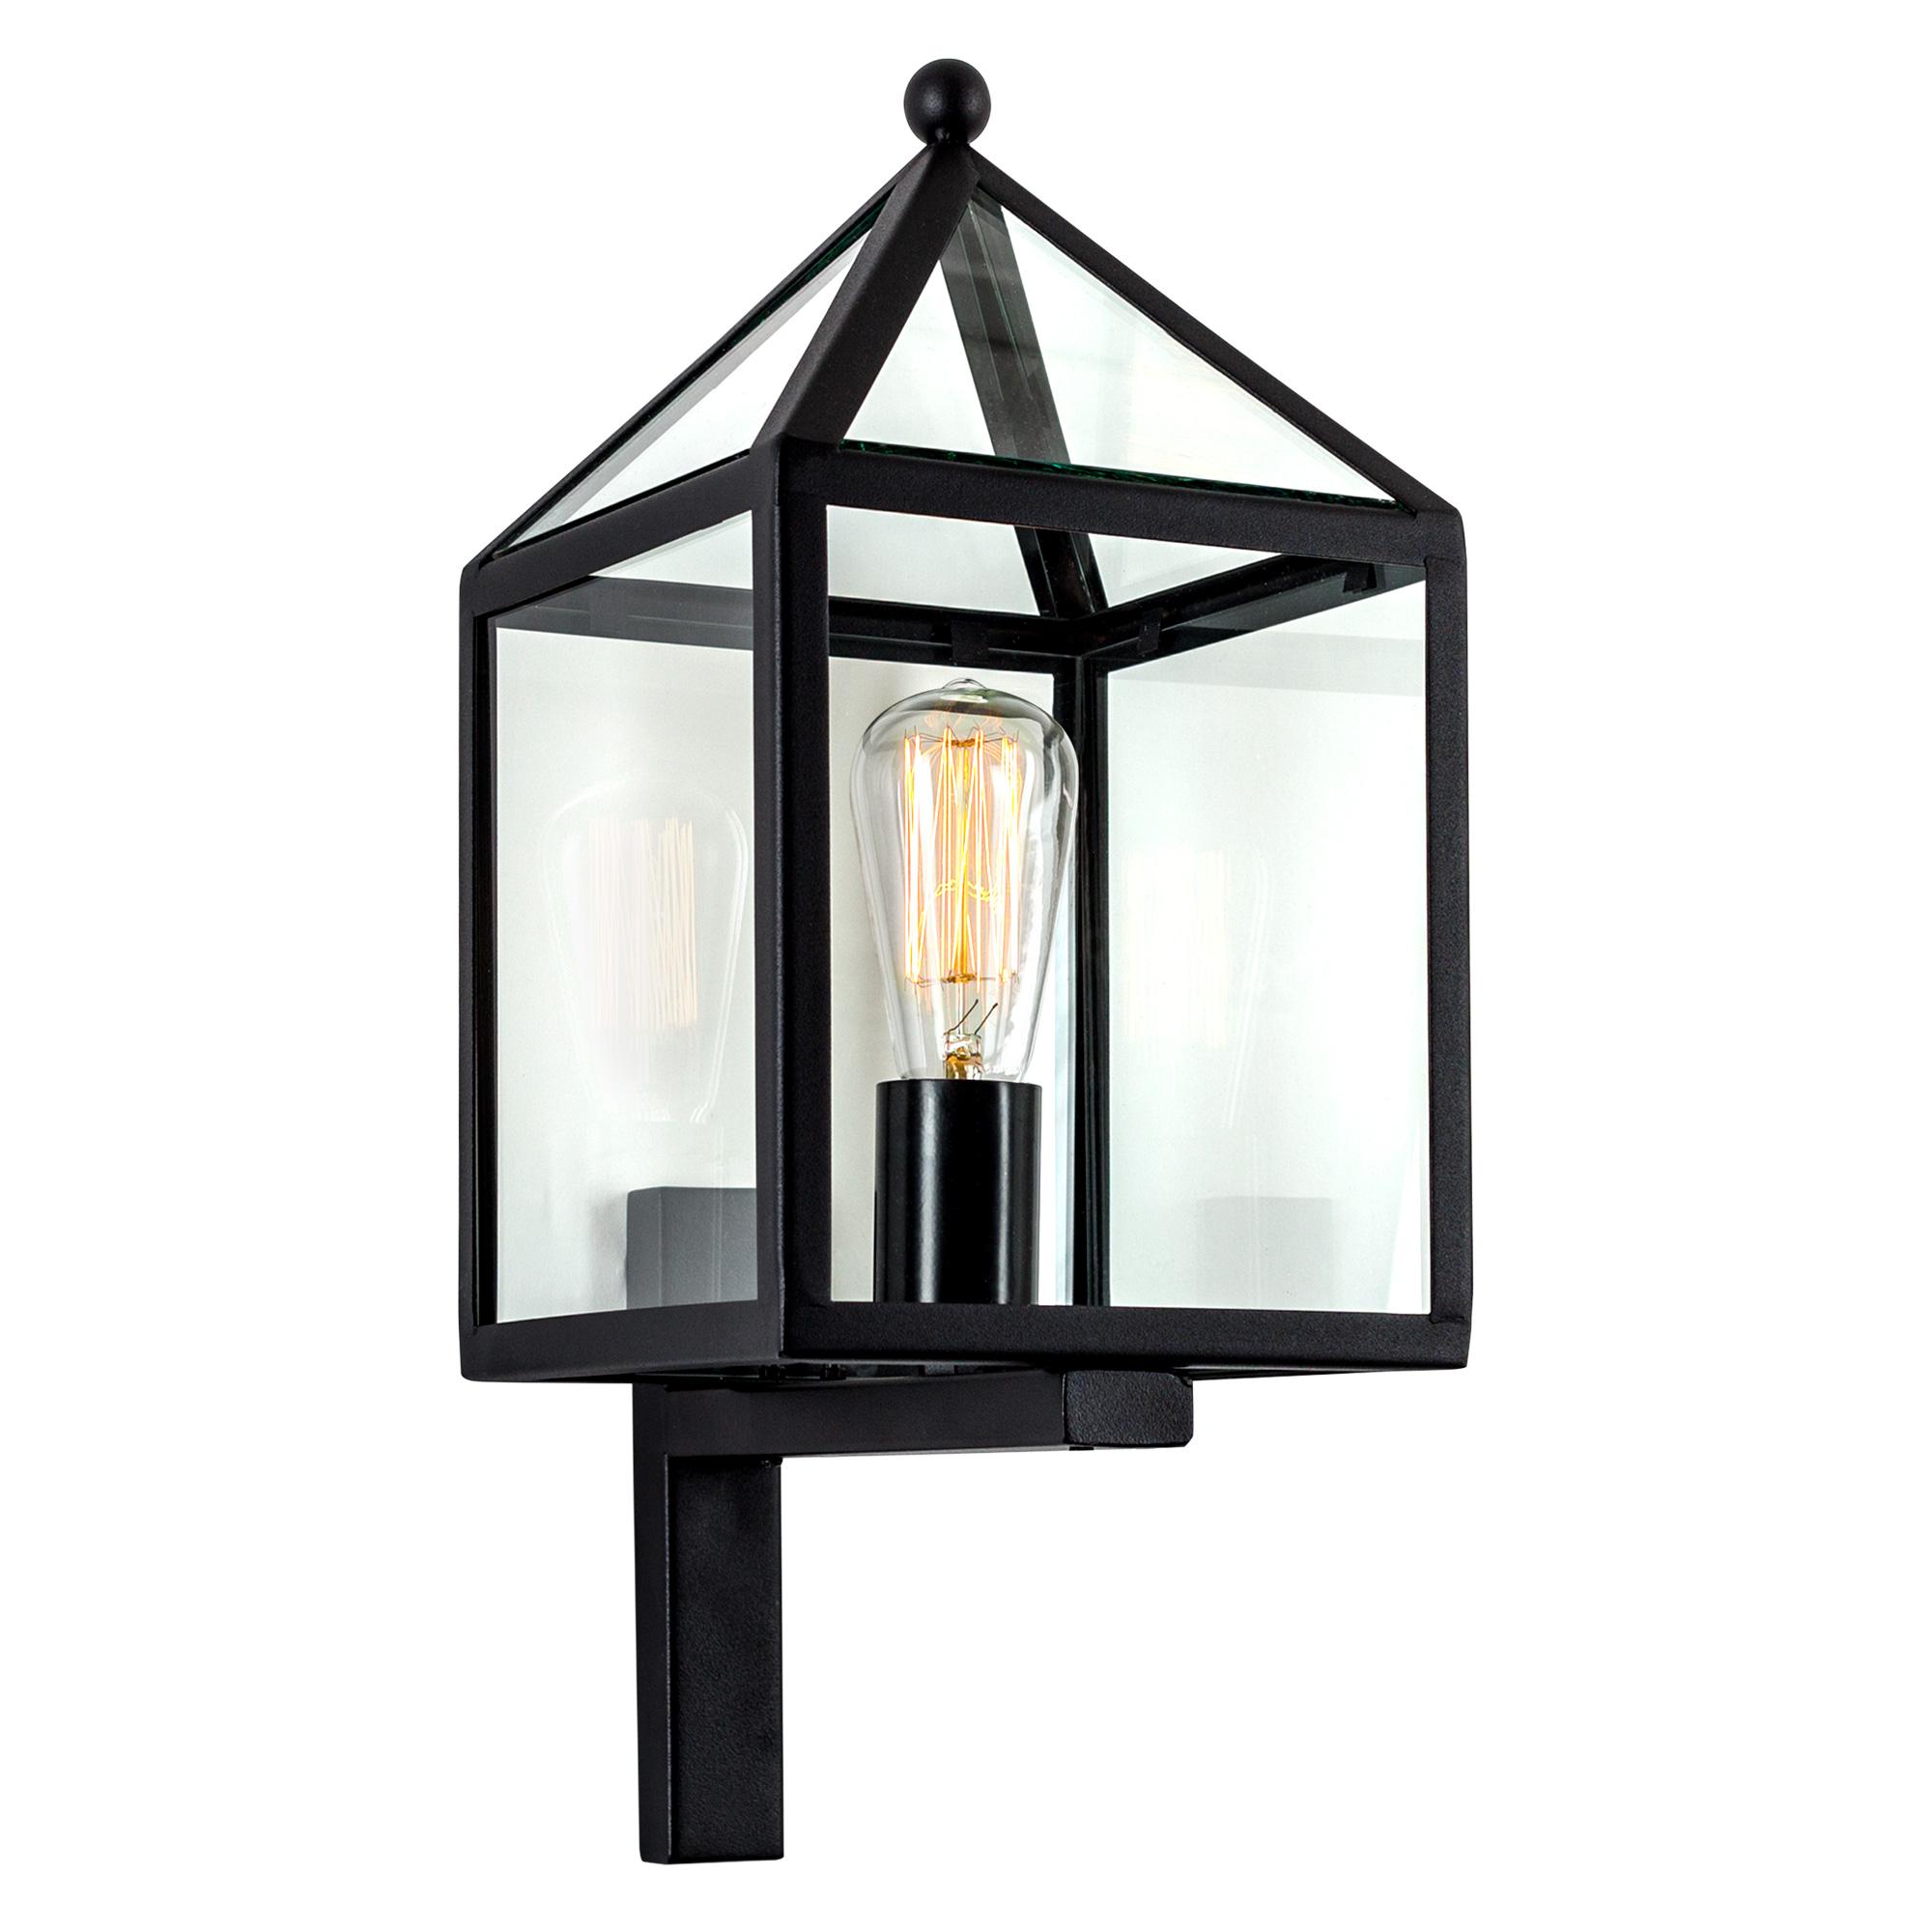 Buitenlamp Bloemendaal Zwart